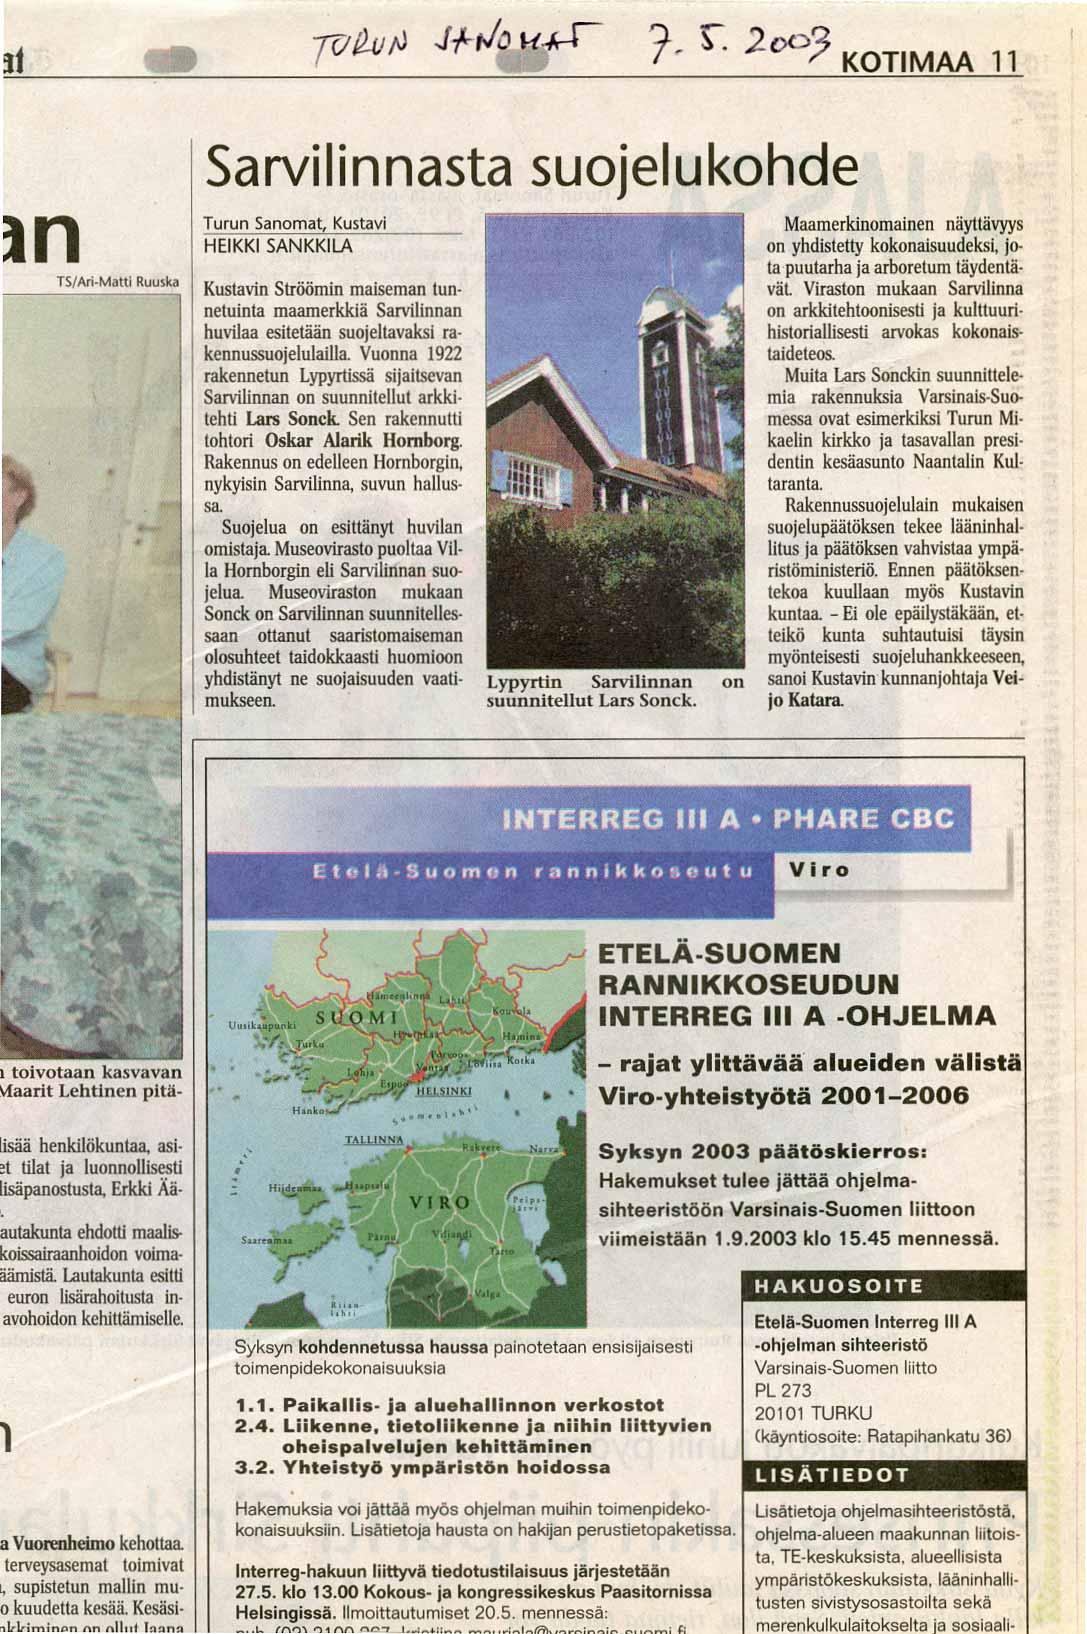 Turun Sanomat 7.5.2003